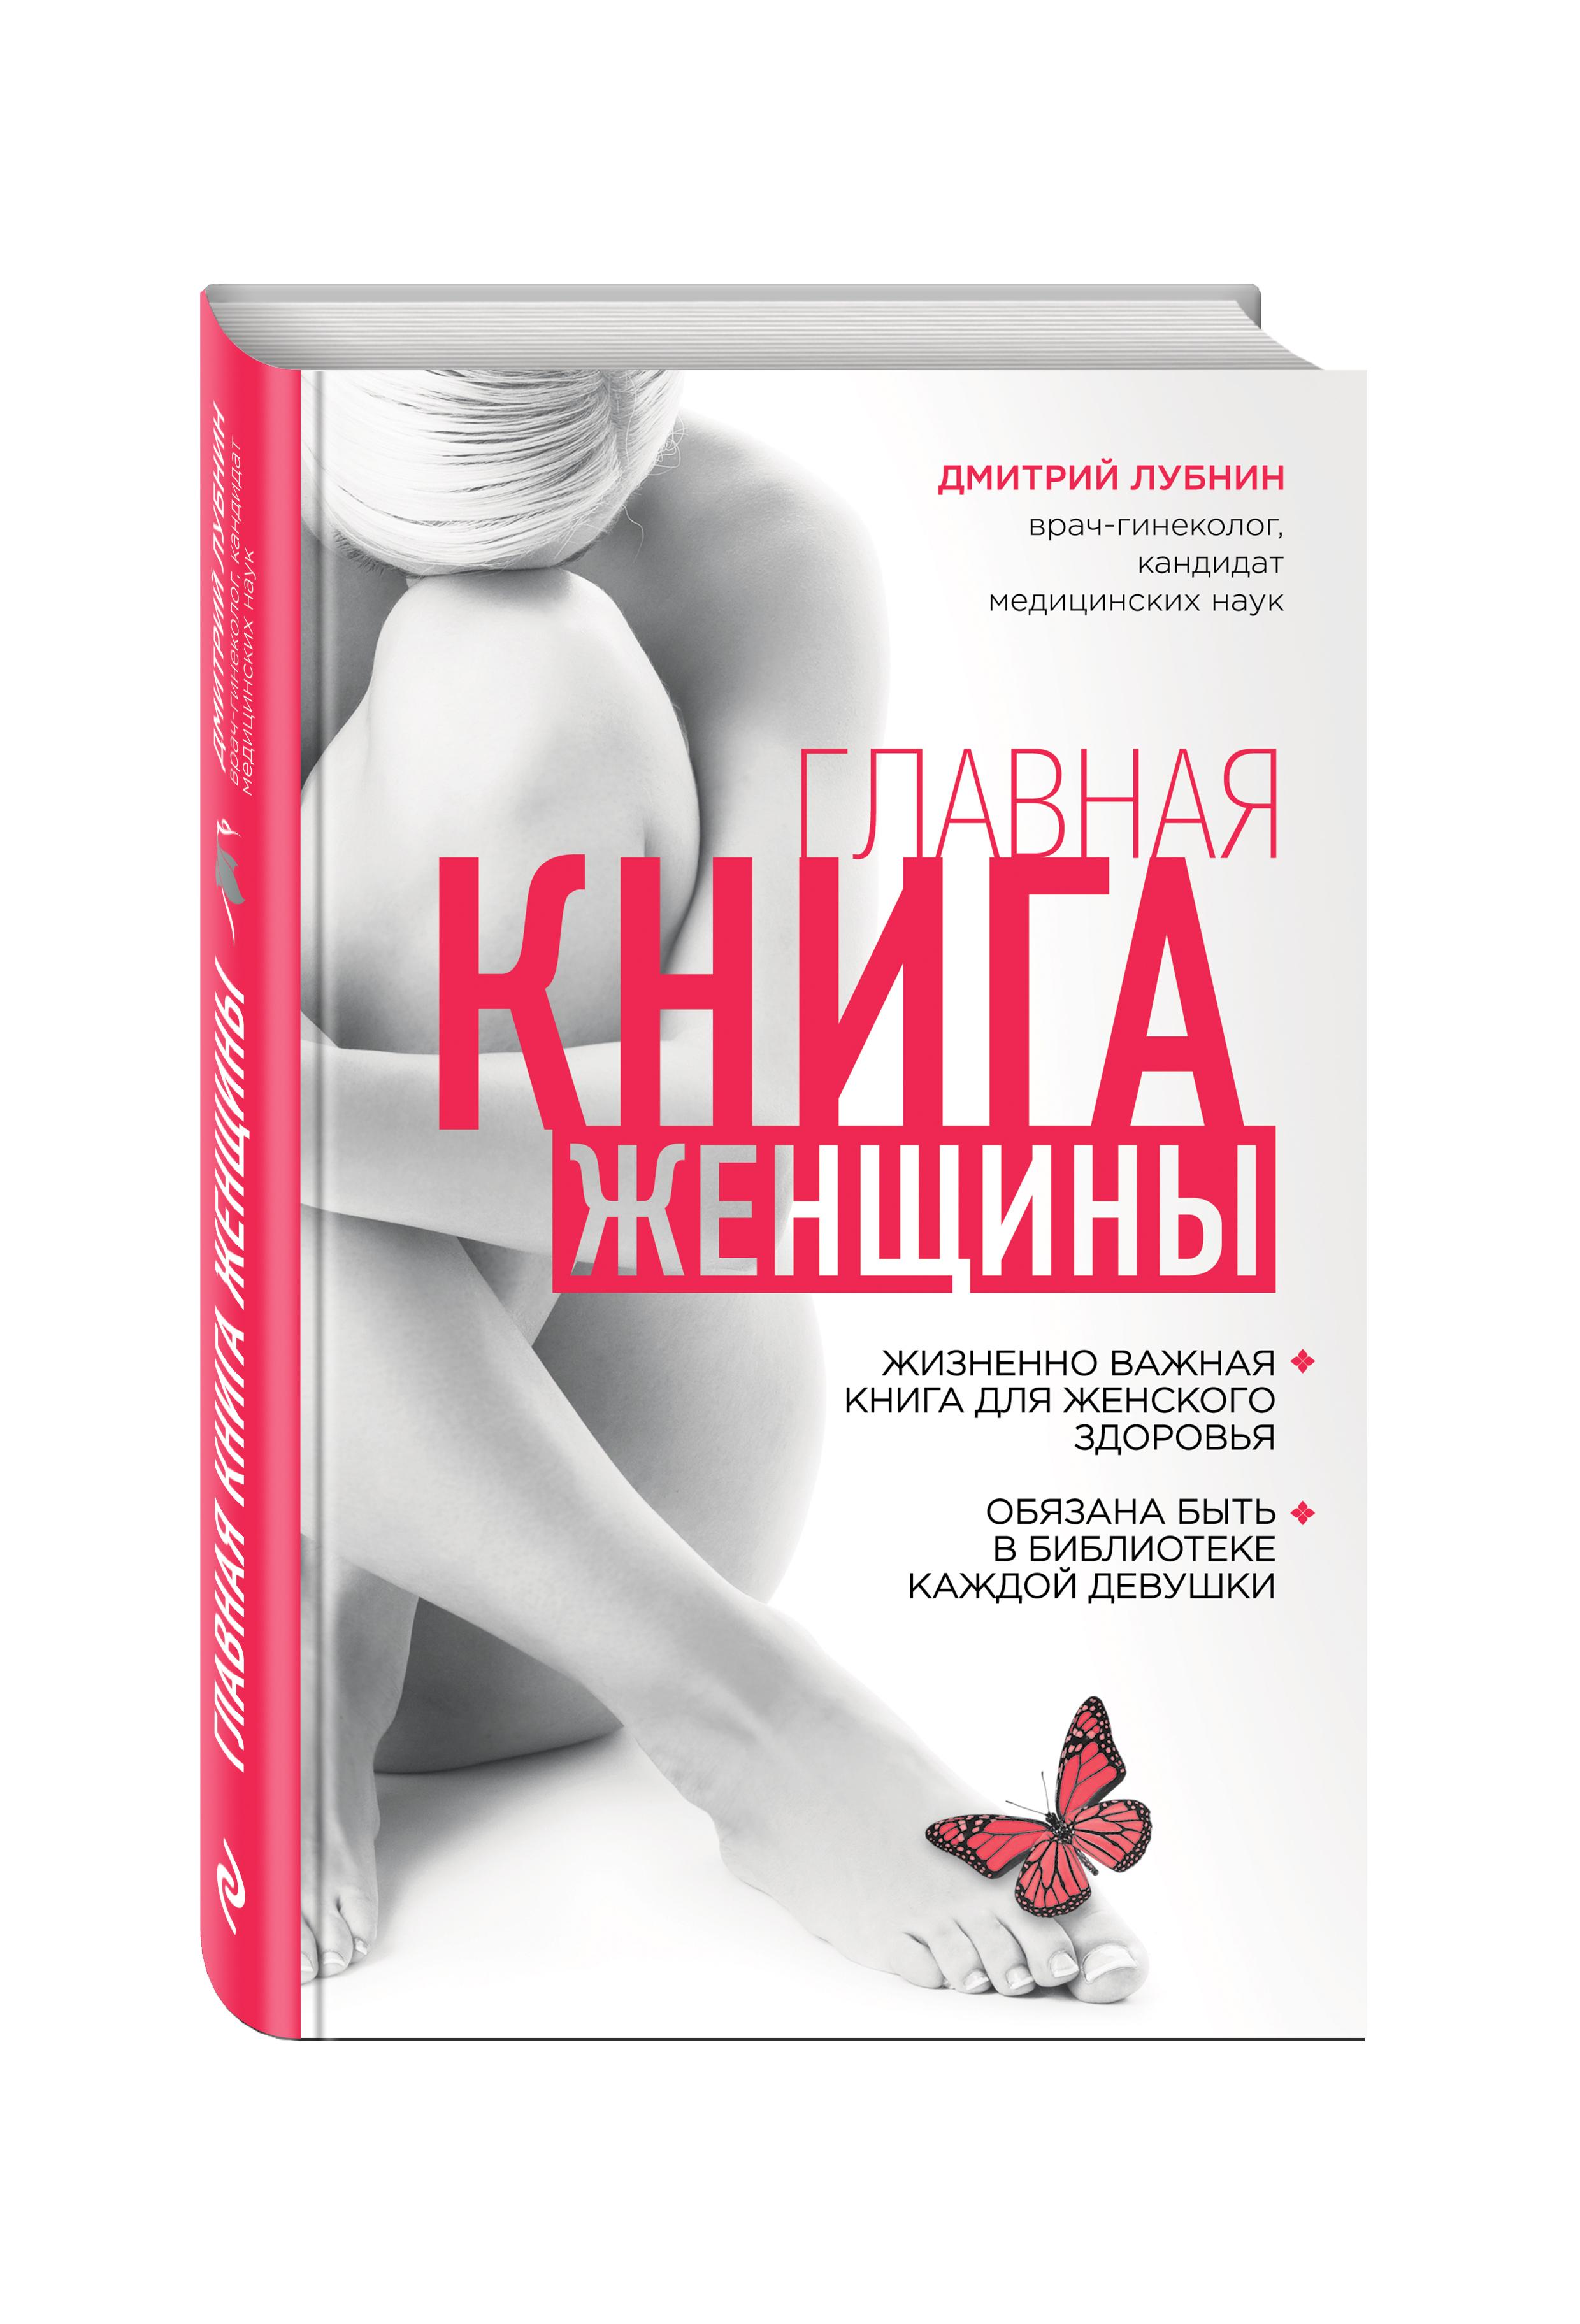 Главная книга женщины